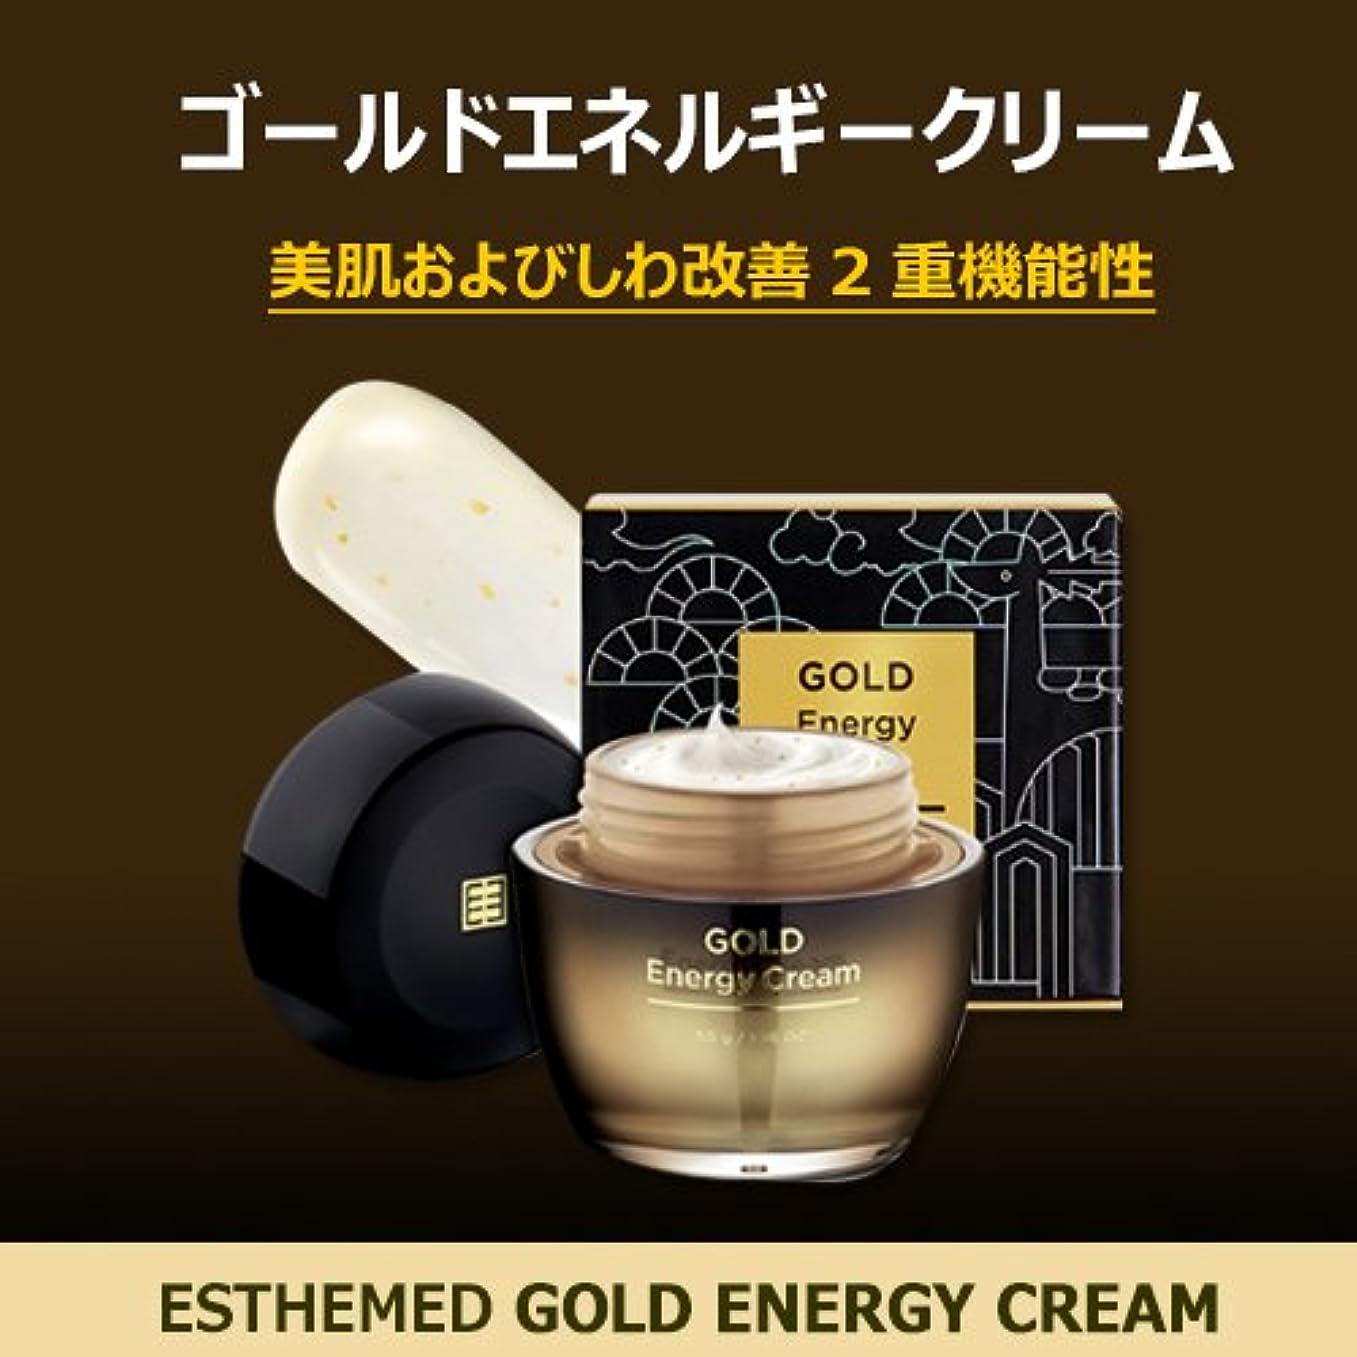 運搬ストレージフィールドESTHEMED 【NEW!! エステメドゴールドエネルギークリーム】ESTHEMED GOLD Energy Cream 50g